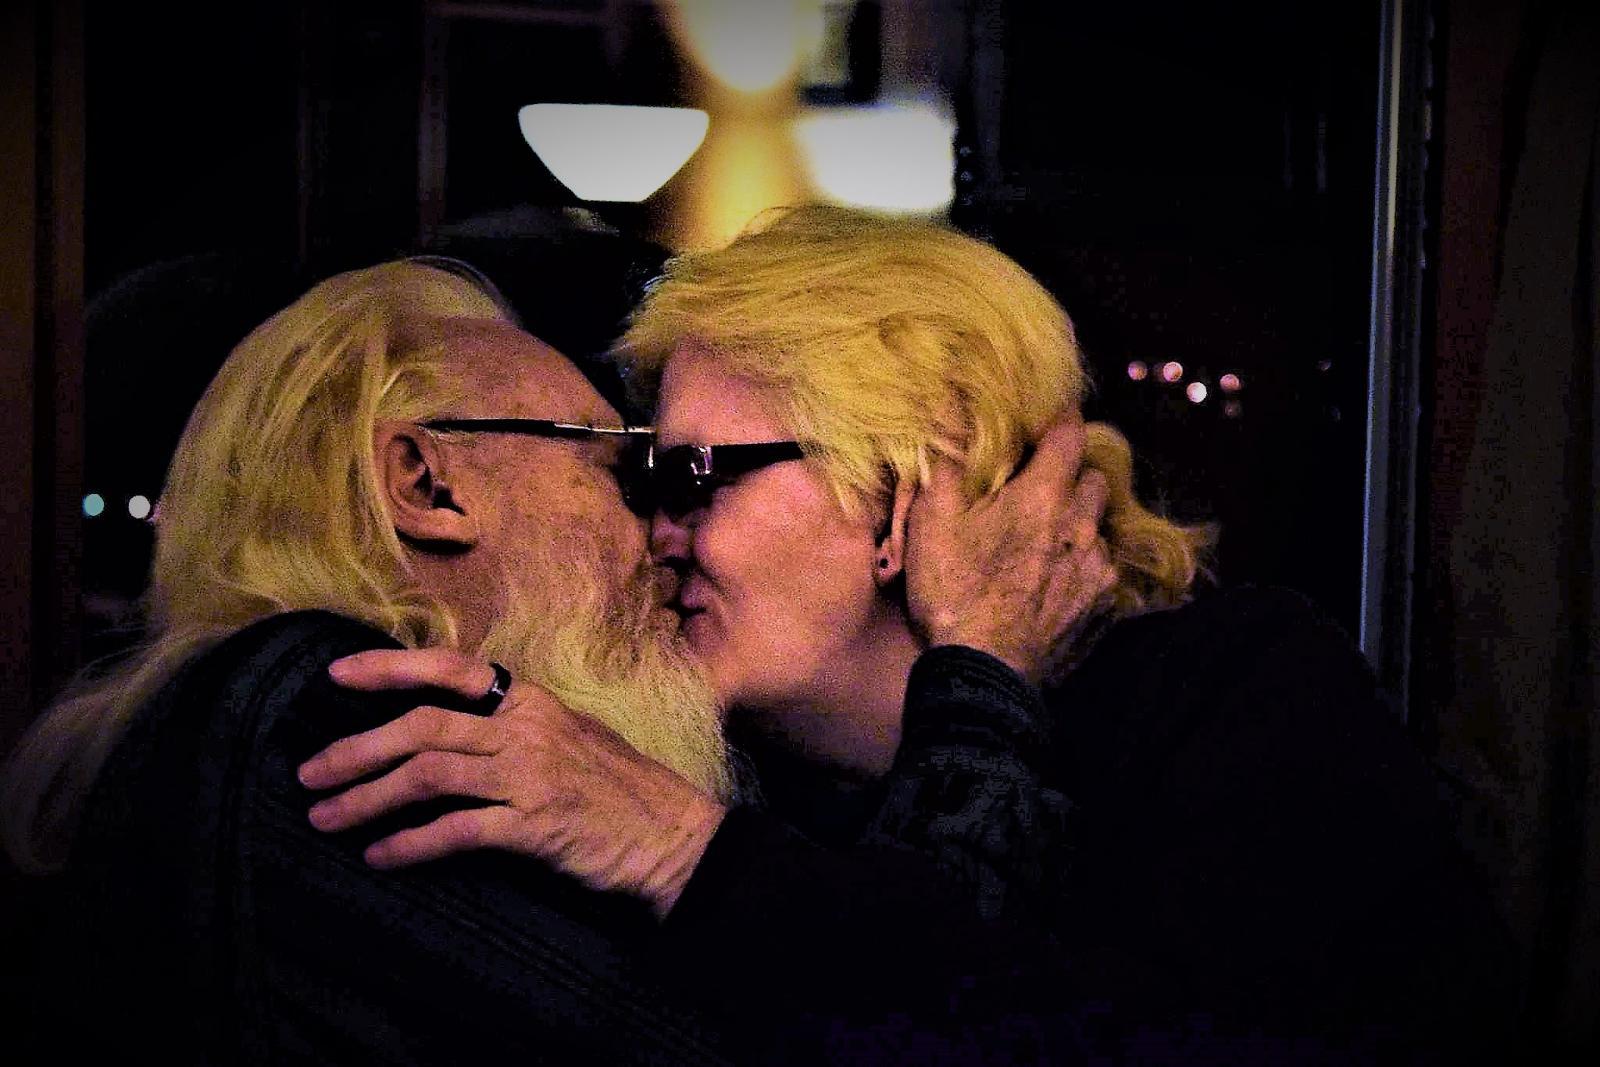 The Christmas Kiss Again Candid shot